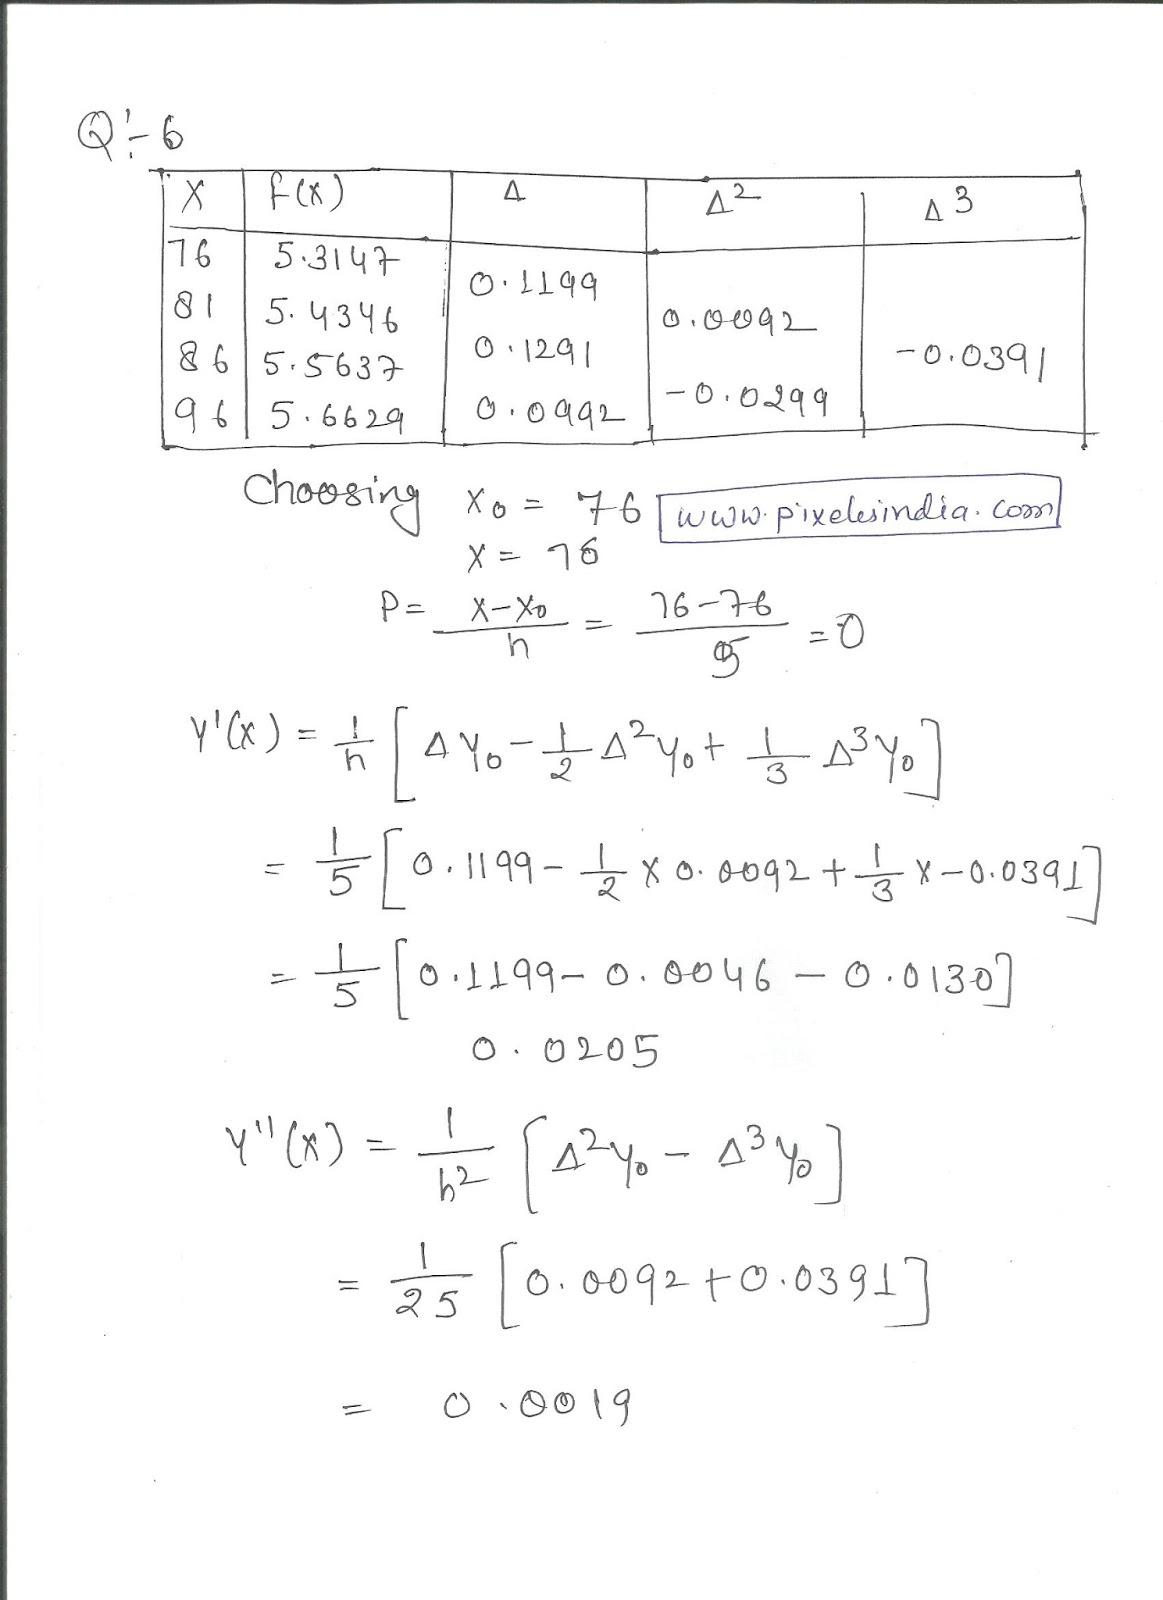 bca assignments